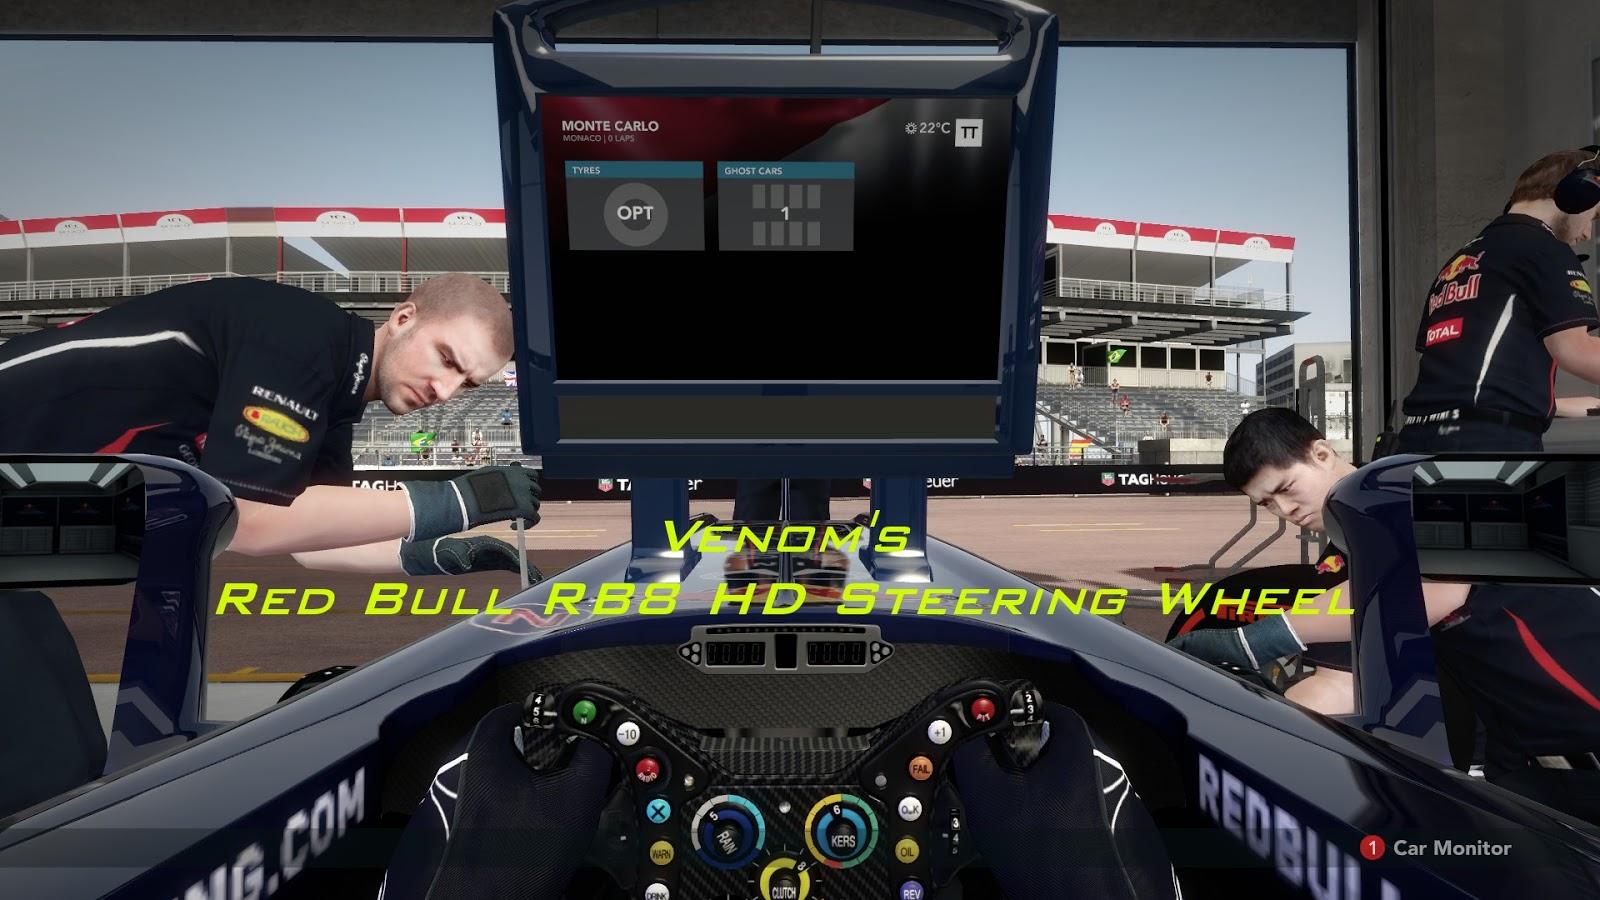 http://3.bp.blogspot.com/-EAq1iLjV8bM/UKZ3nBQGvdI/AAAAAAAABX8/mid755rM1Rk/s1600/Red+Bull+02.jpg